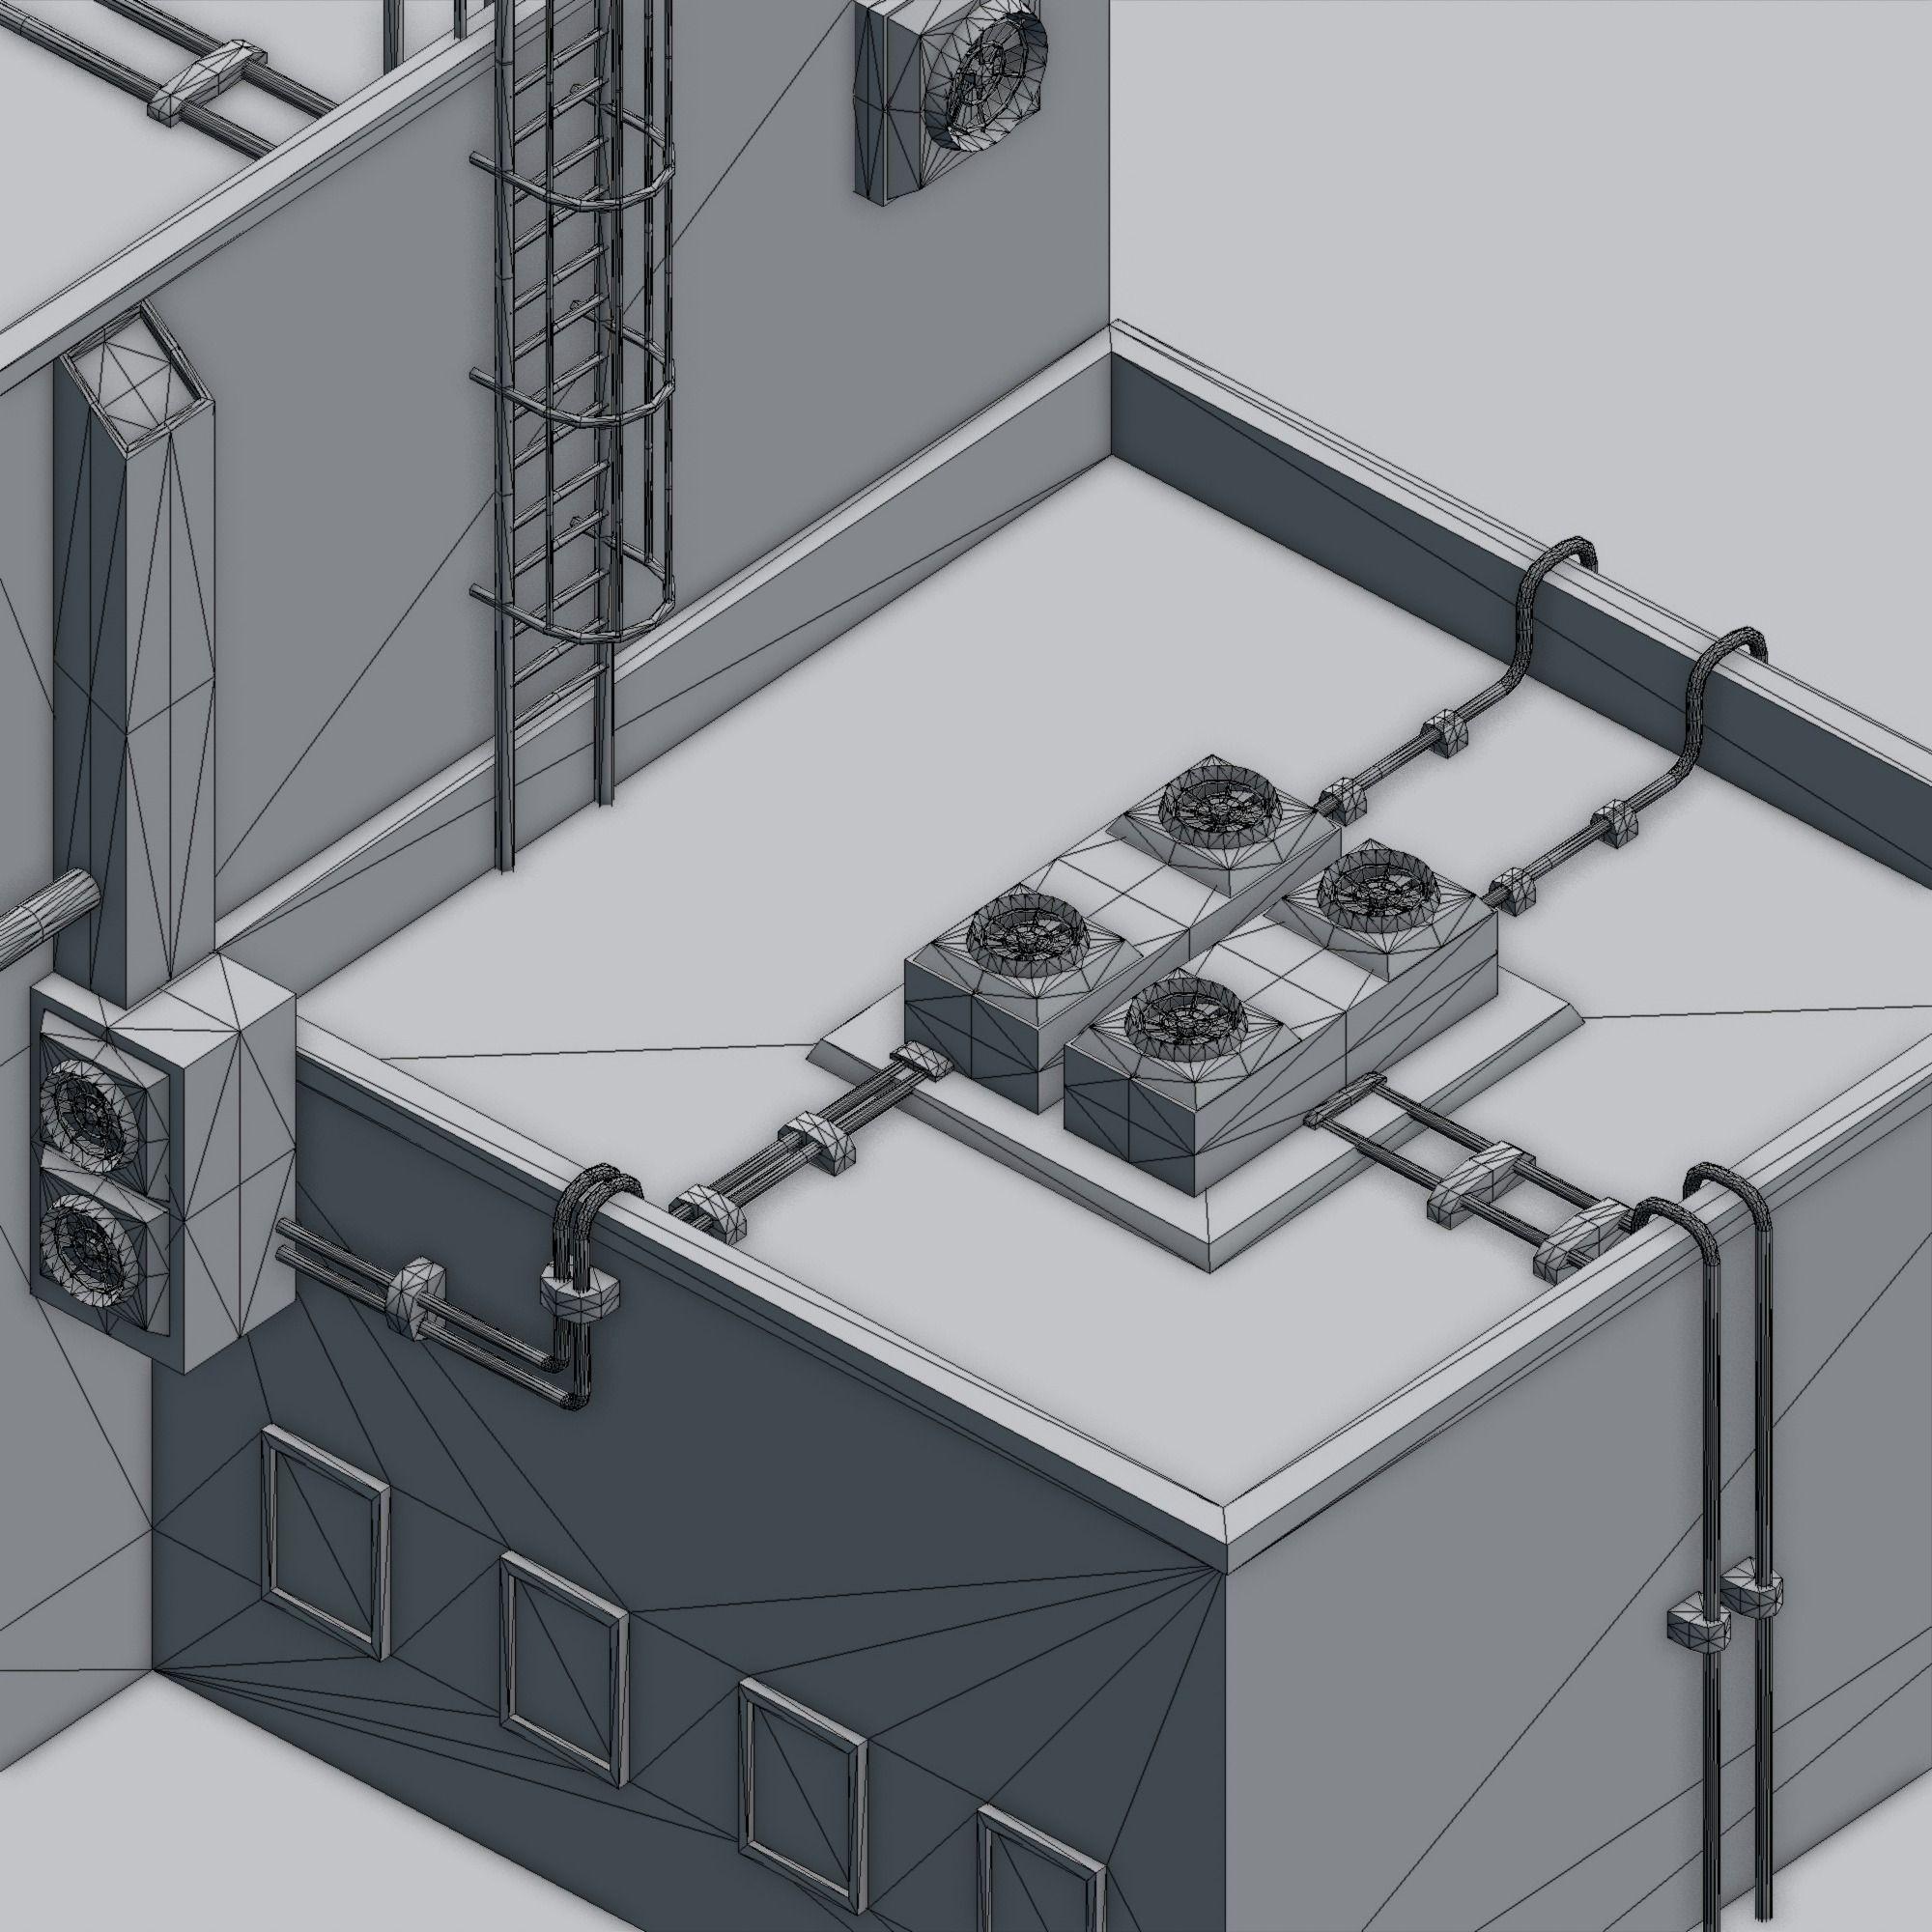 Futuristic ghetto building